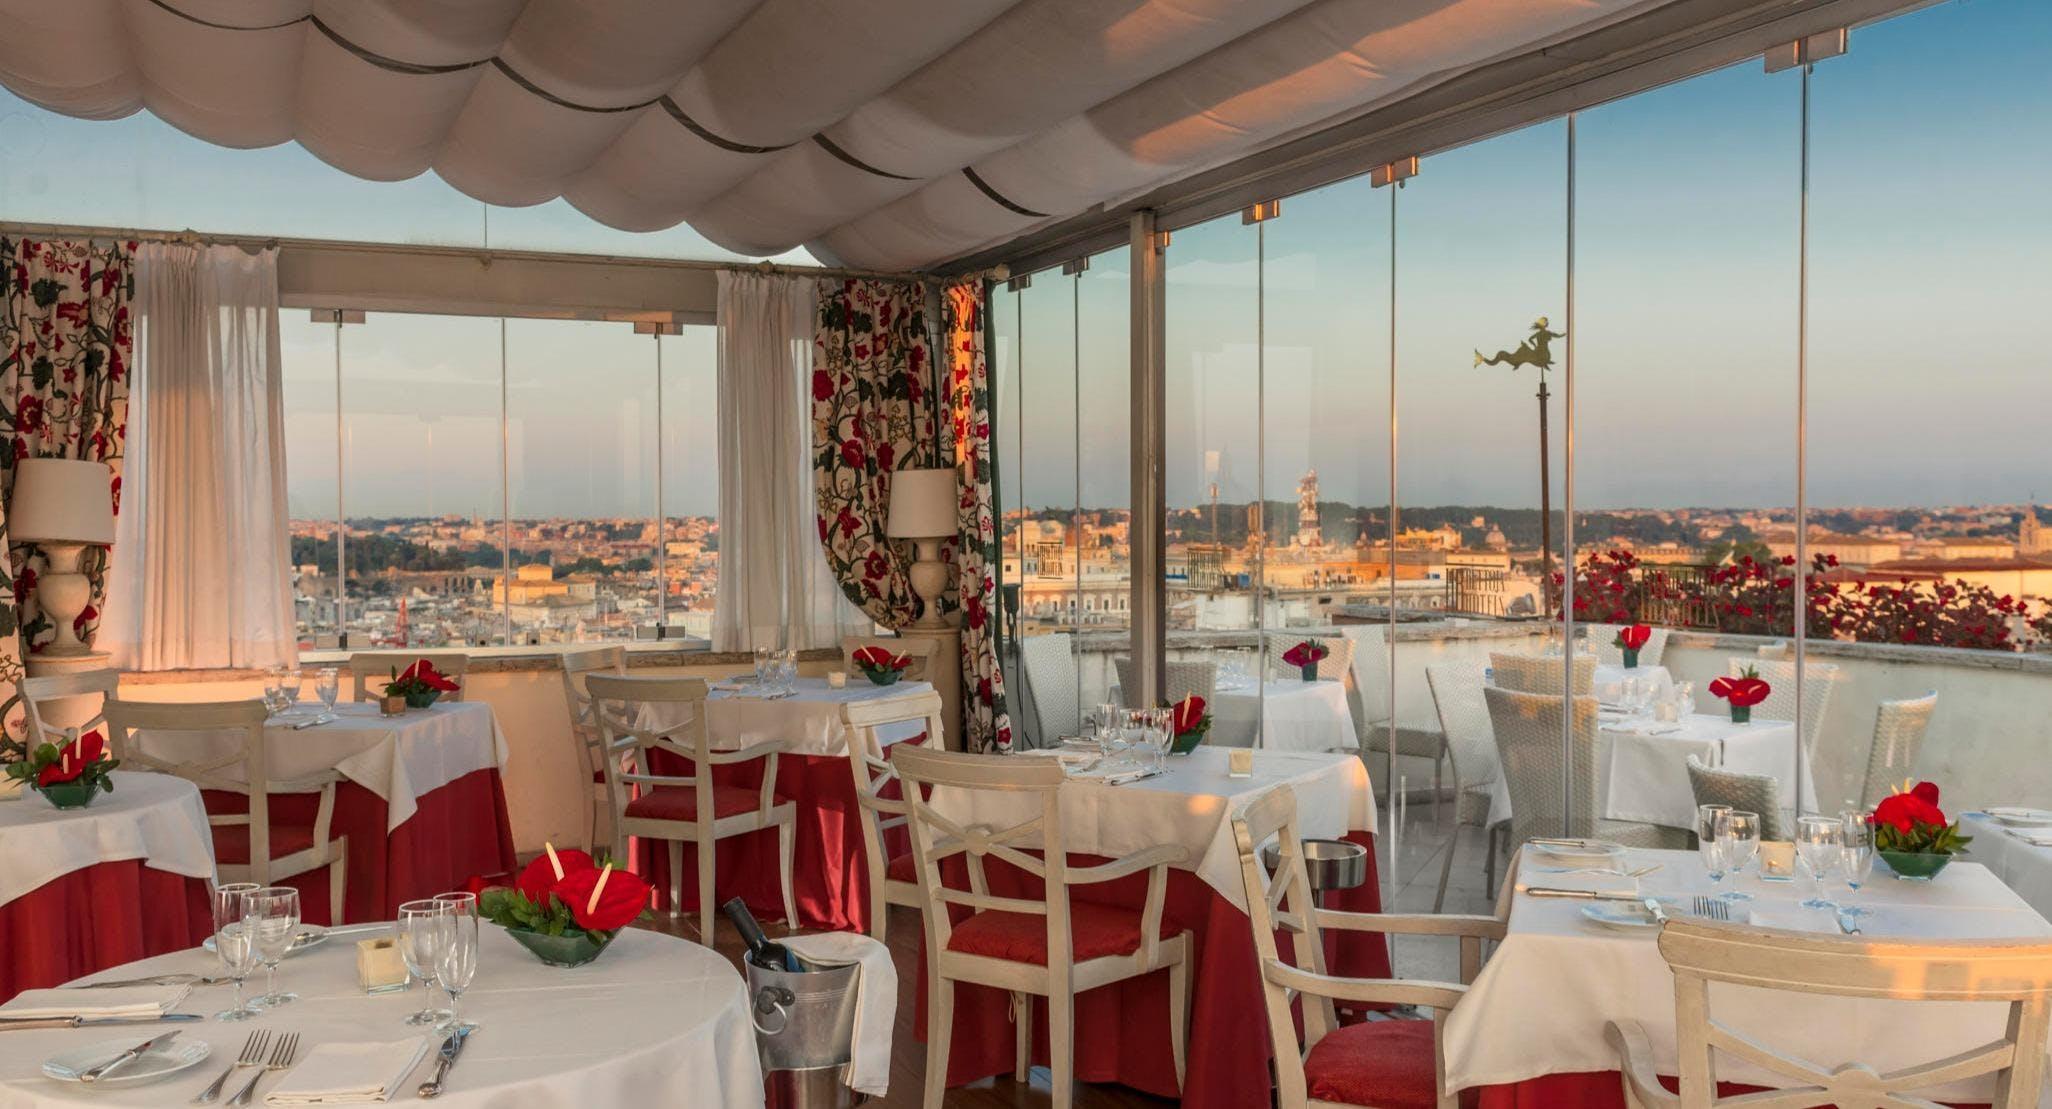 Ristorante RoofGarden - Hotel Mediterraneo